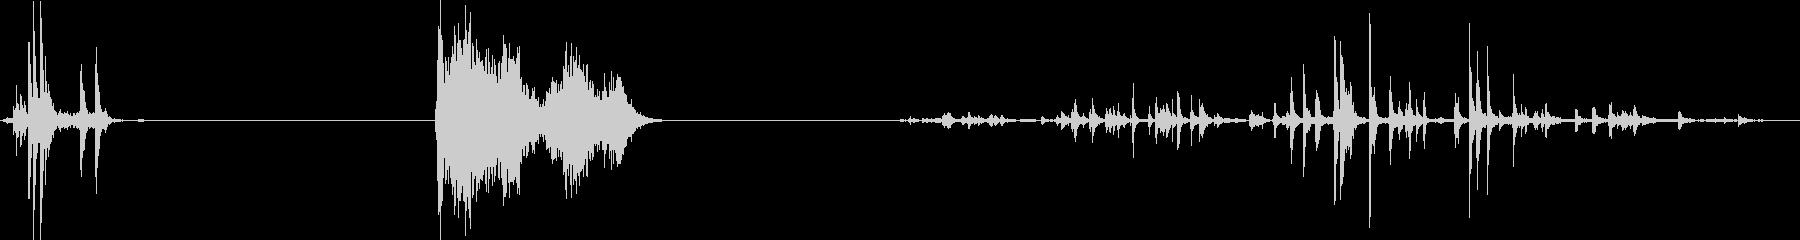 錫の音、3つのバージョン; DIG...の未再生の波形